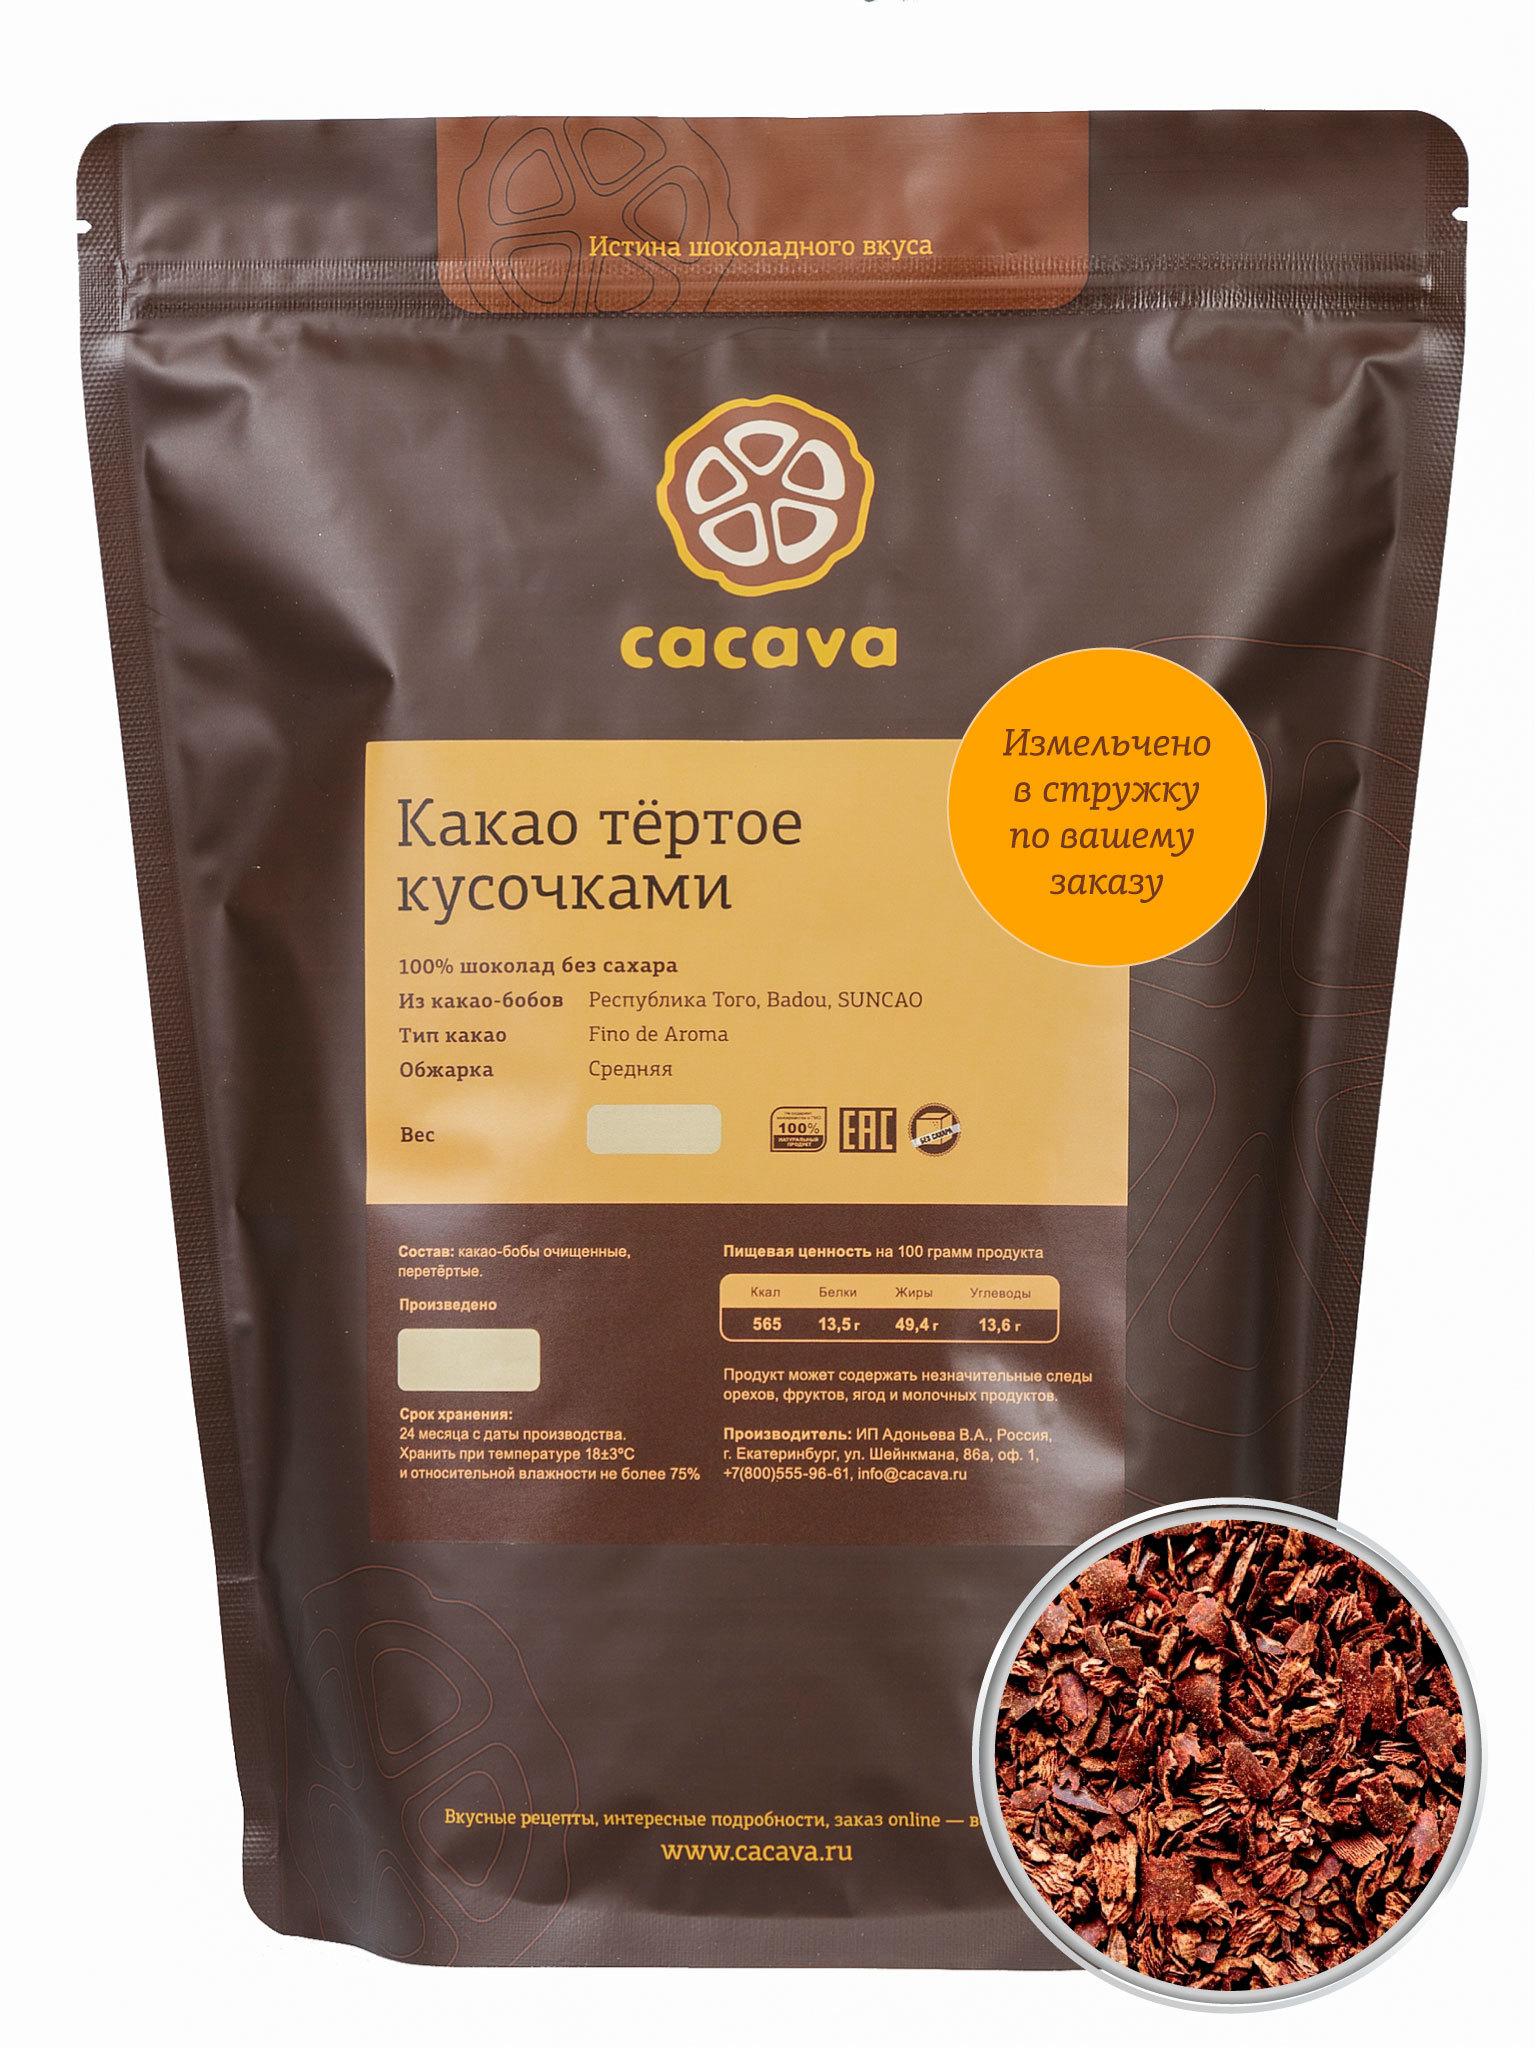 Какао тёртое в стружке (Того, Badou), упаковка 1 кг